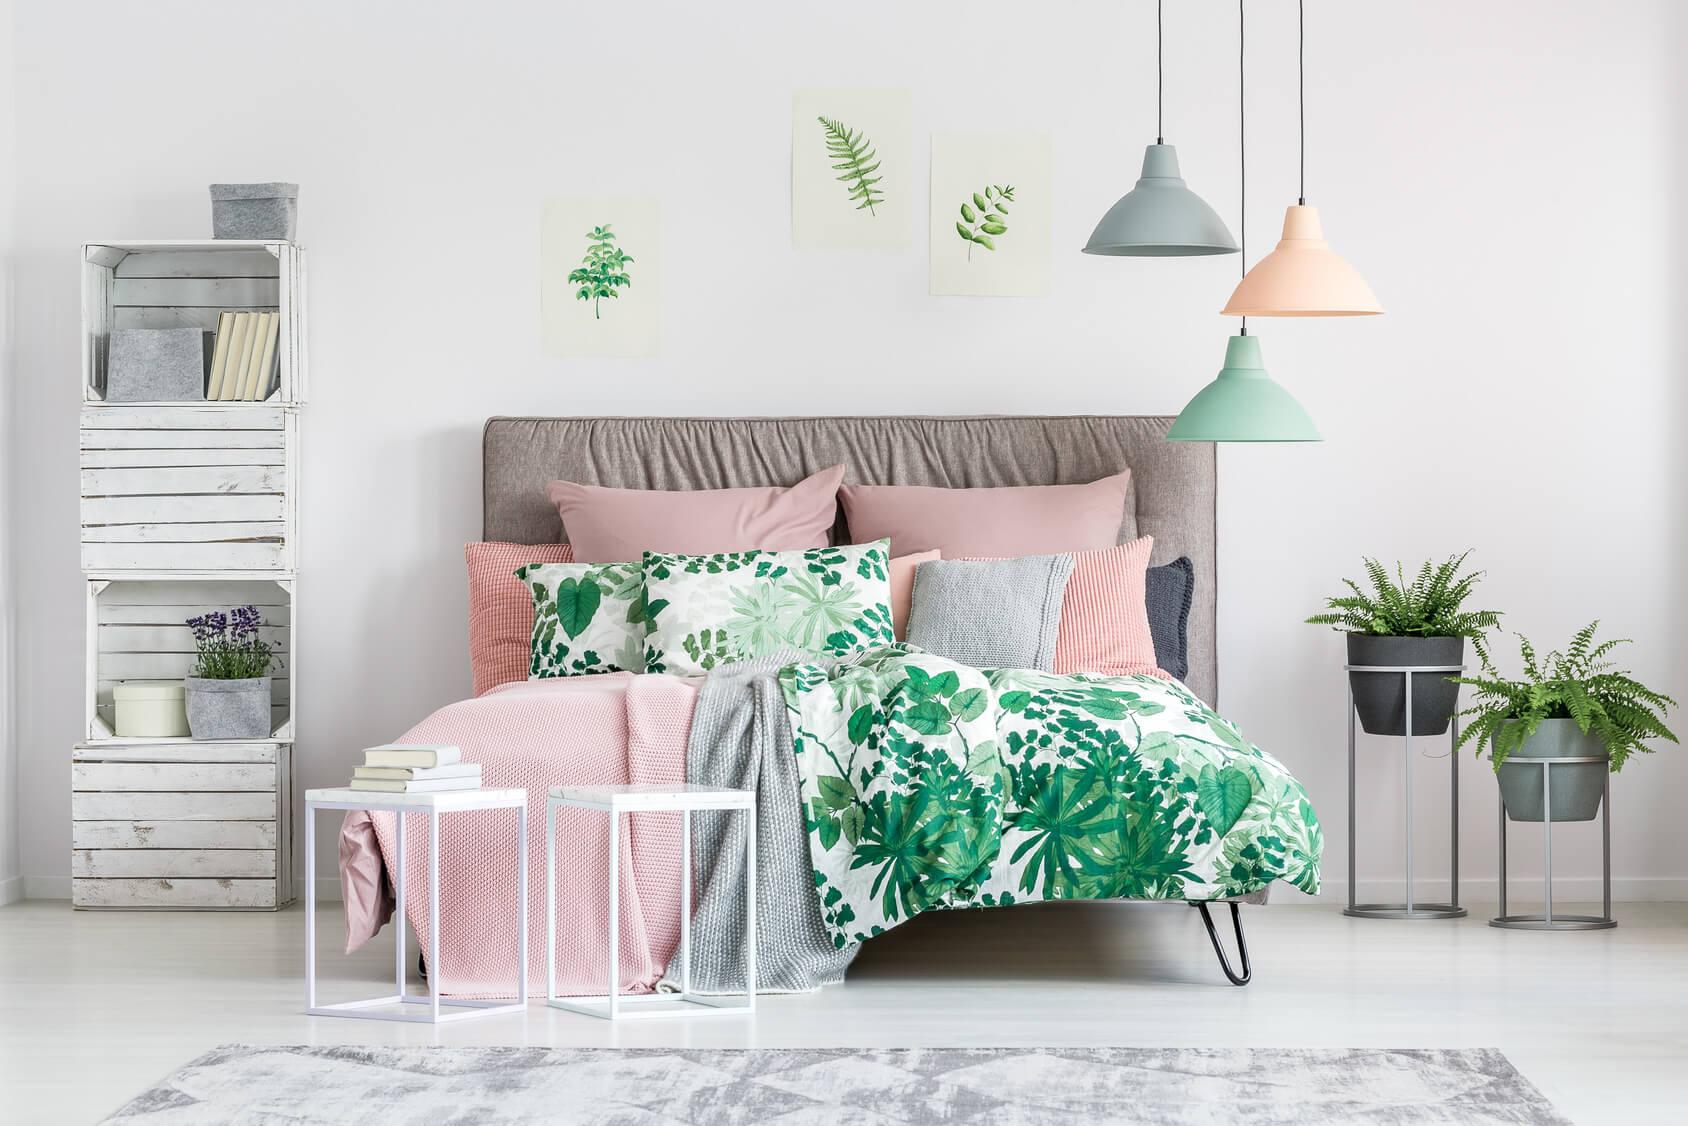 Jakie łóżko Do Sypialni Ważne Aspekty O Których Warto